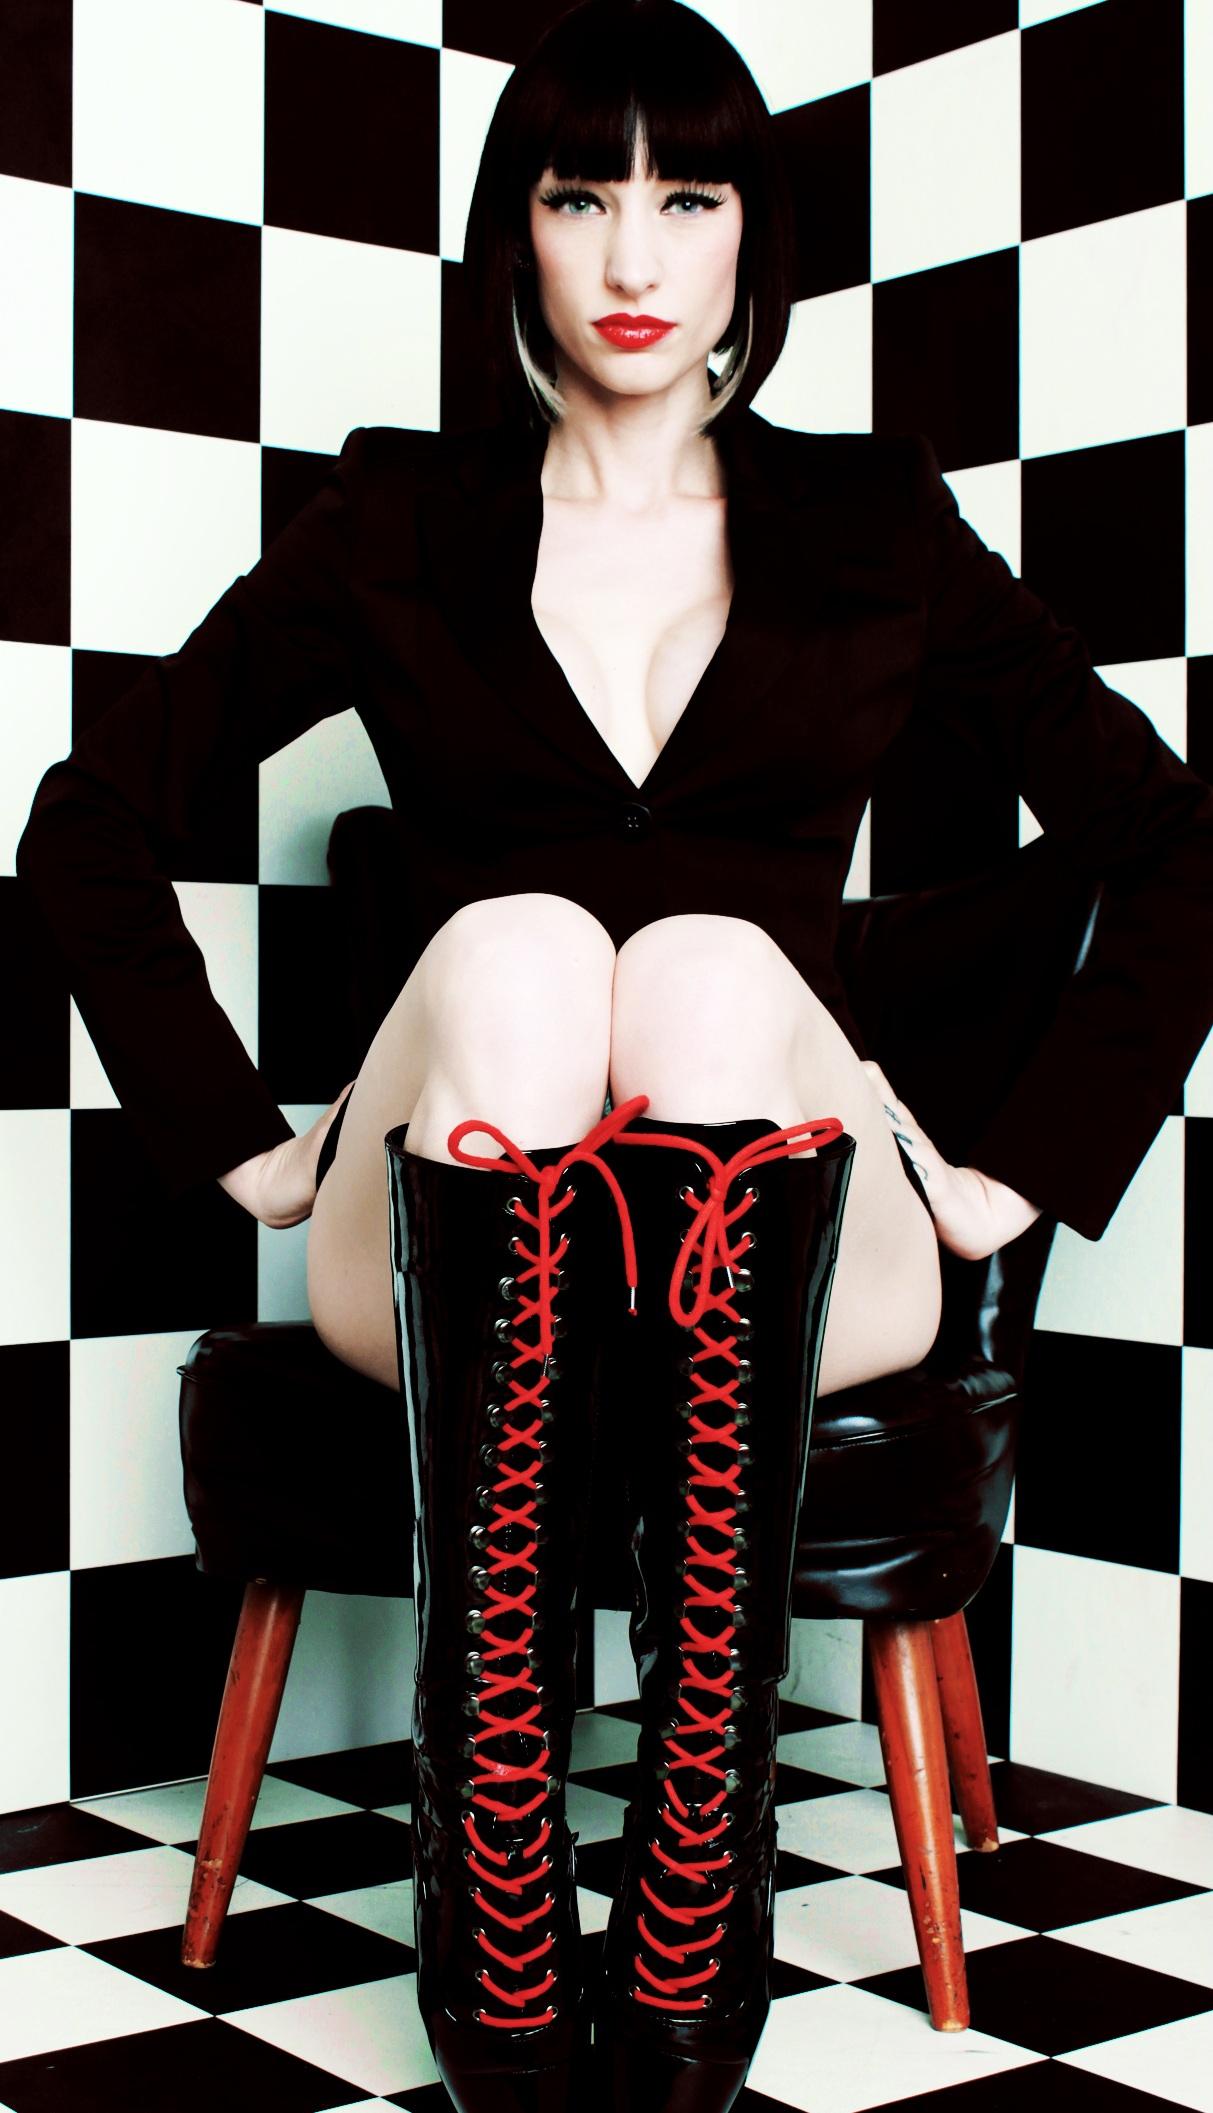 Mistress Adora